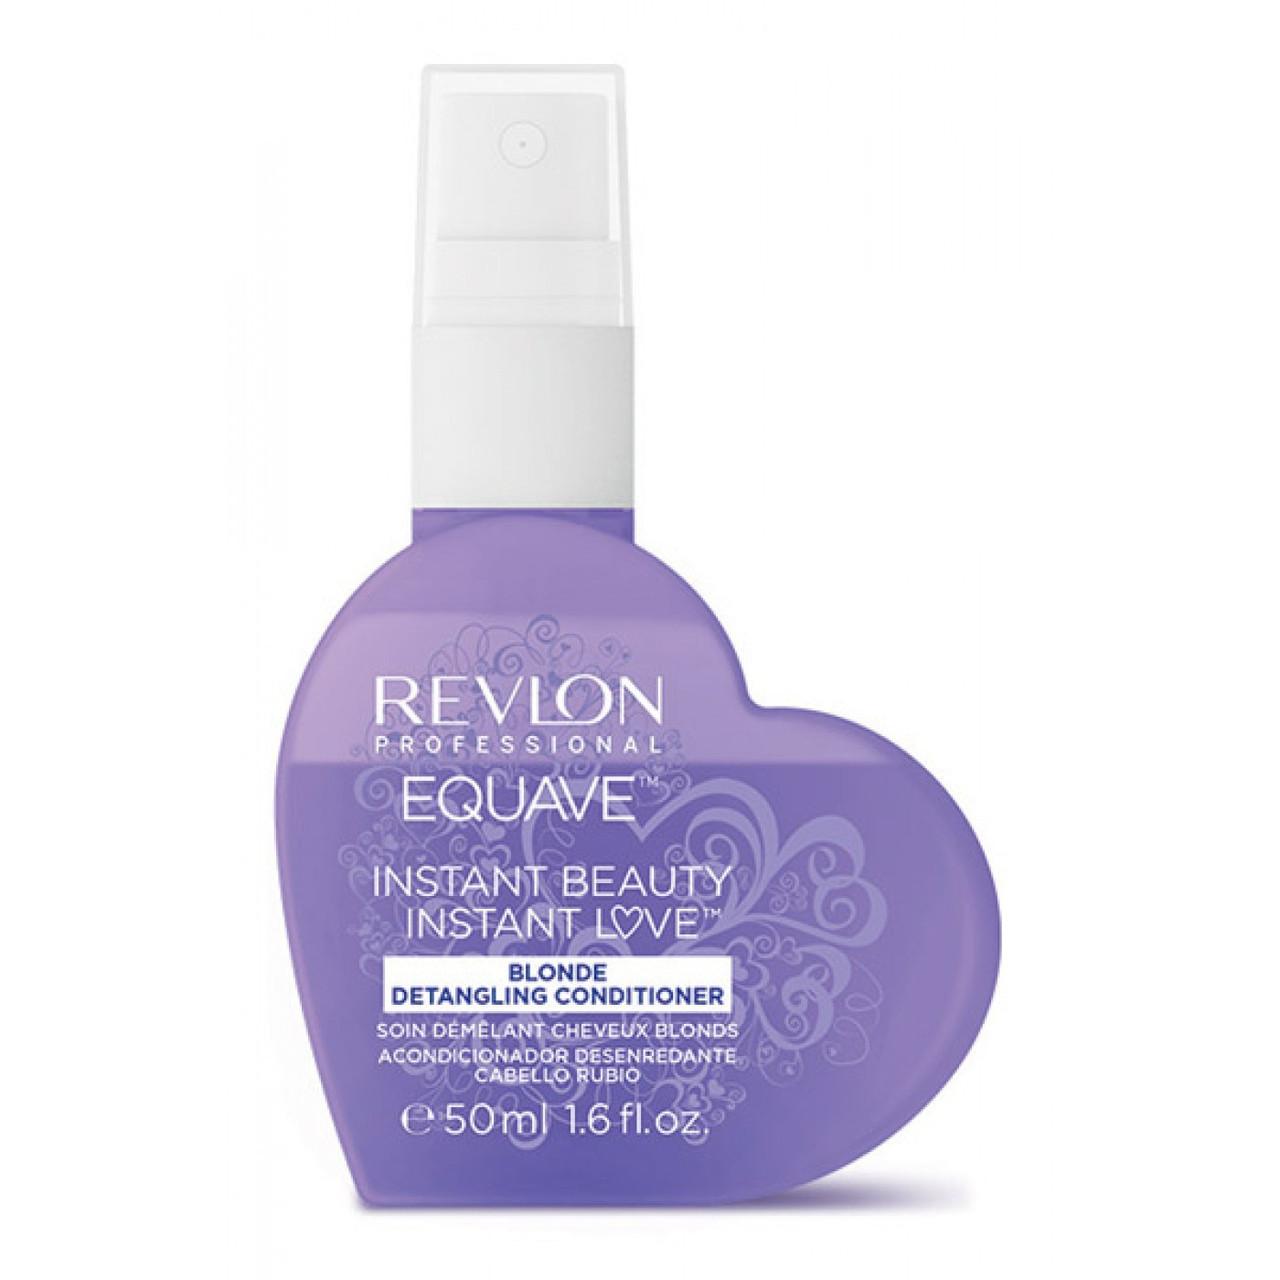 Кондиционер для блондированных и обесцвеченных волос несмываемый  Revlon Equave Instant Conditioner 50 мл